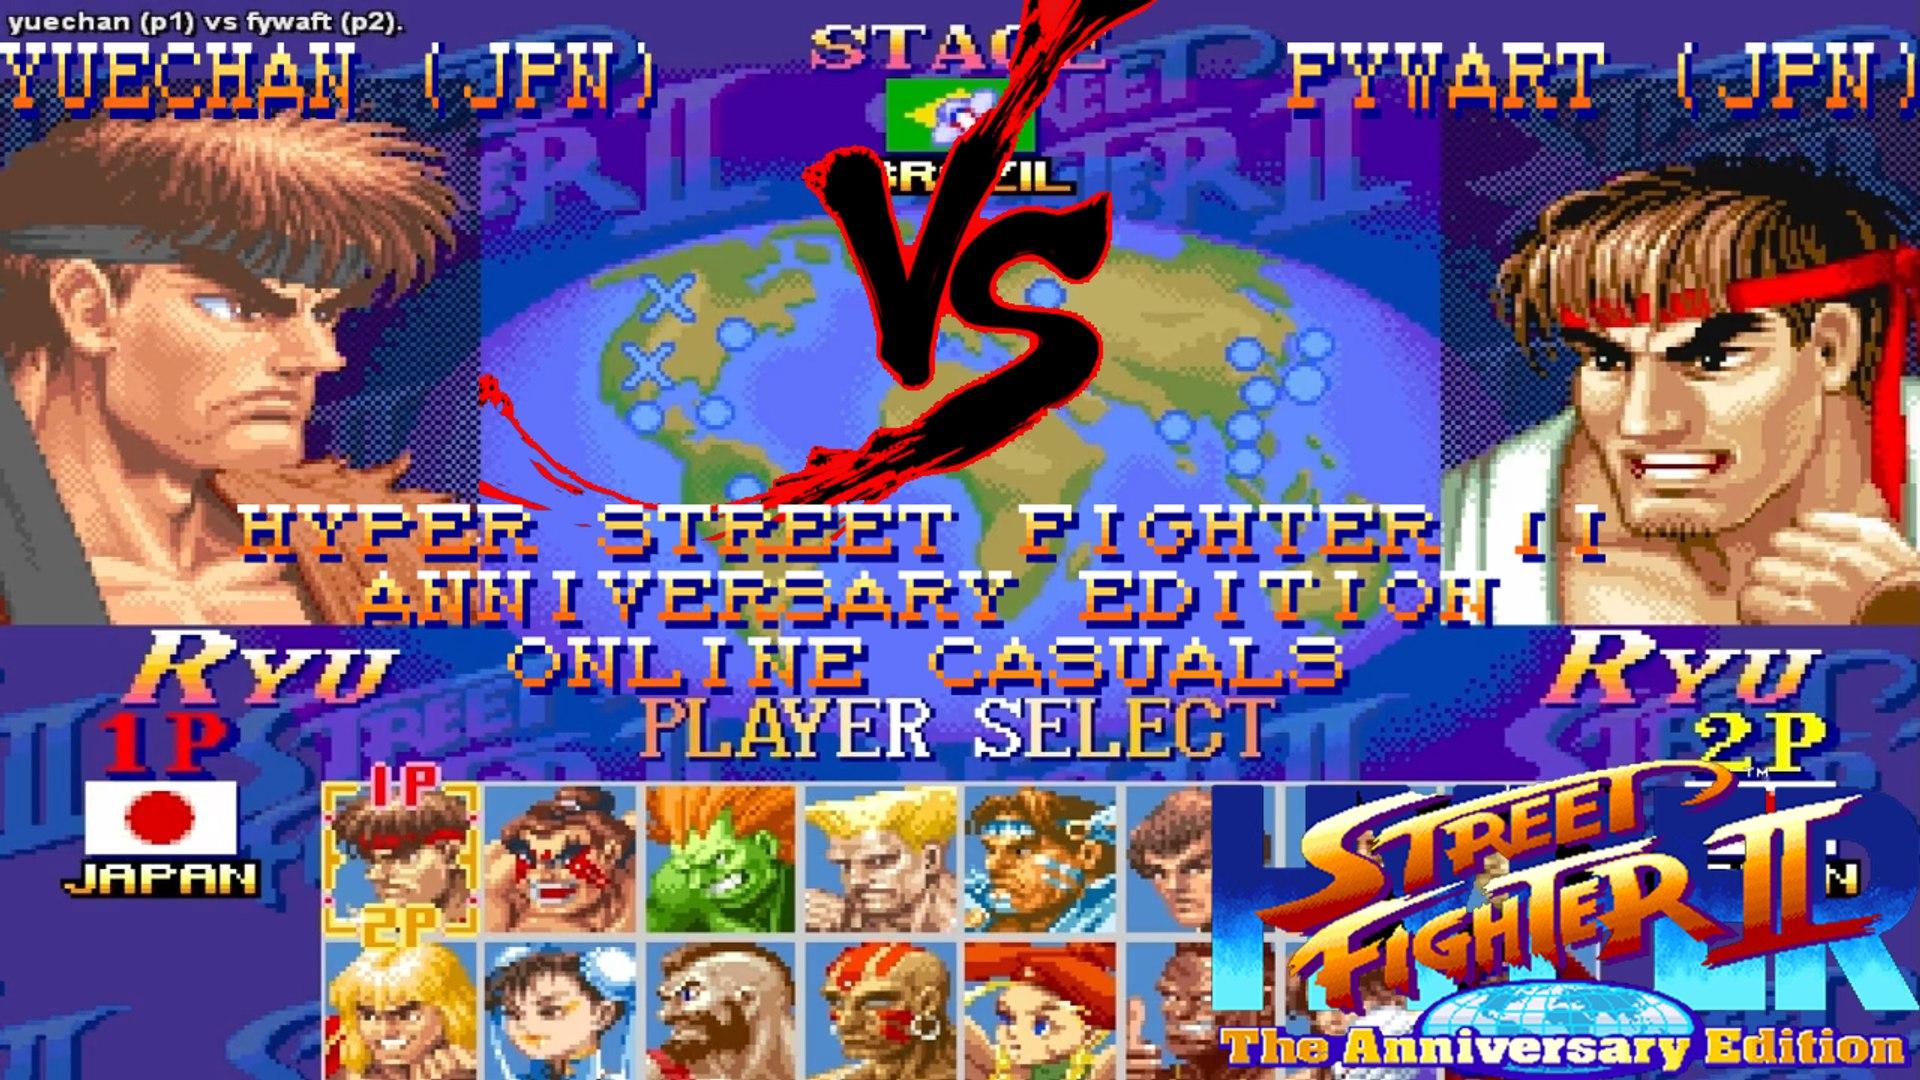 [Fightcade HD] - Hyper Street Fighter II Online Casuals -Yuechan (JPN) Vs   Fywaft (JPN)